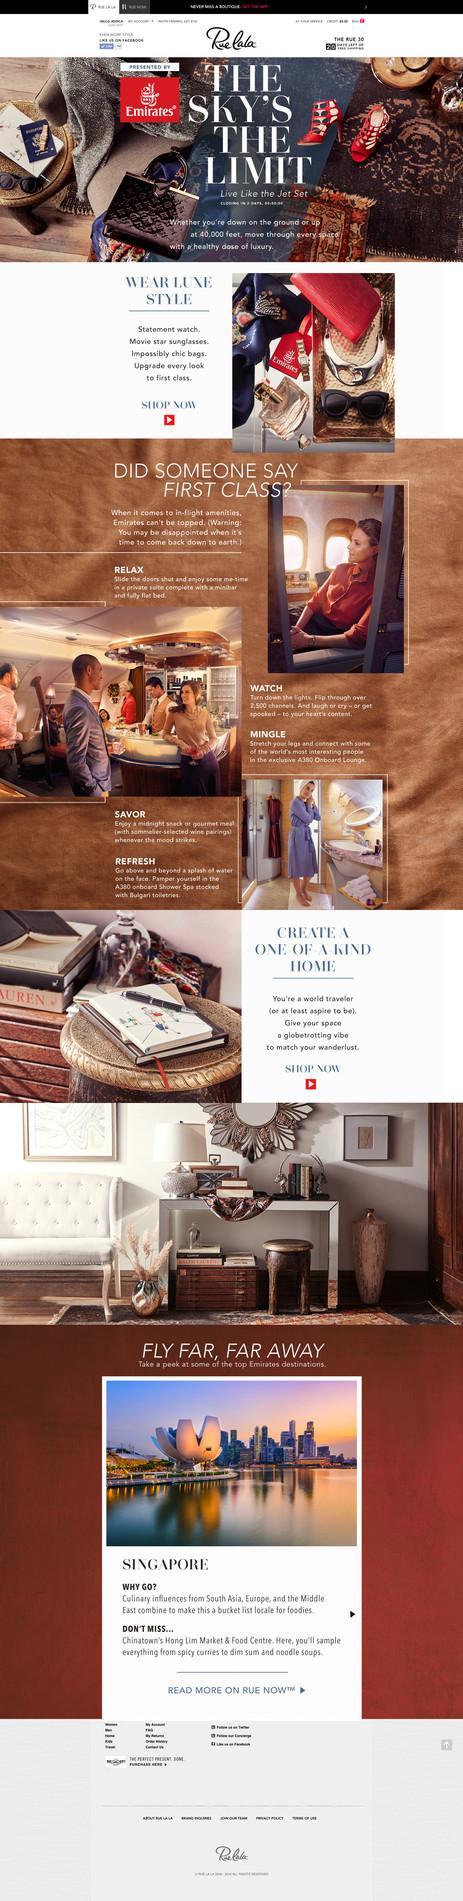 Emirates_Flat_V2.jpg